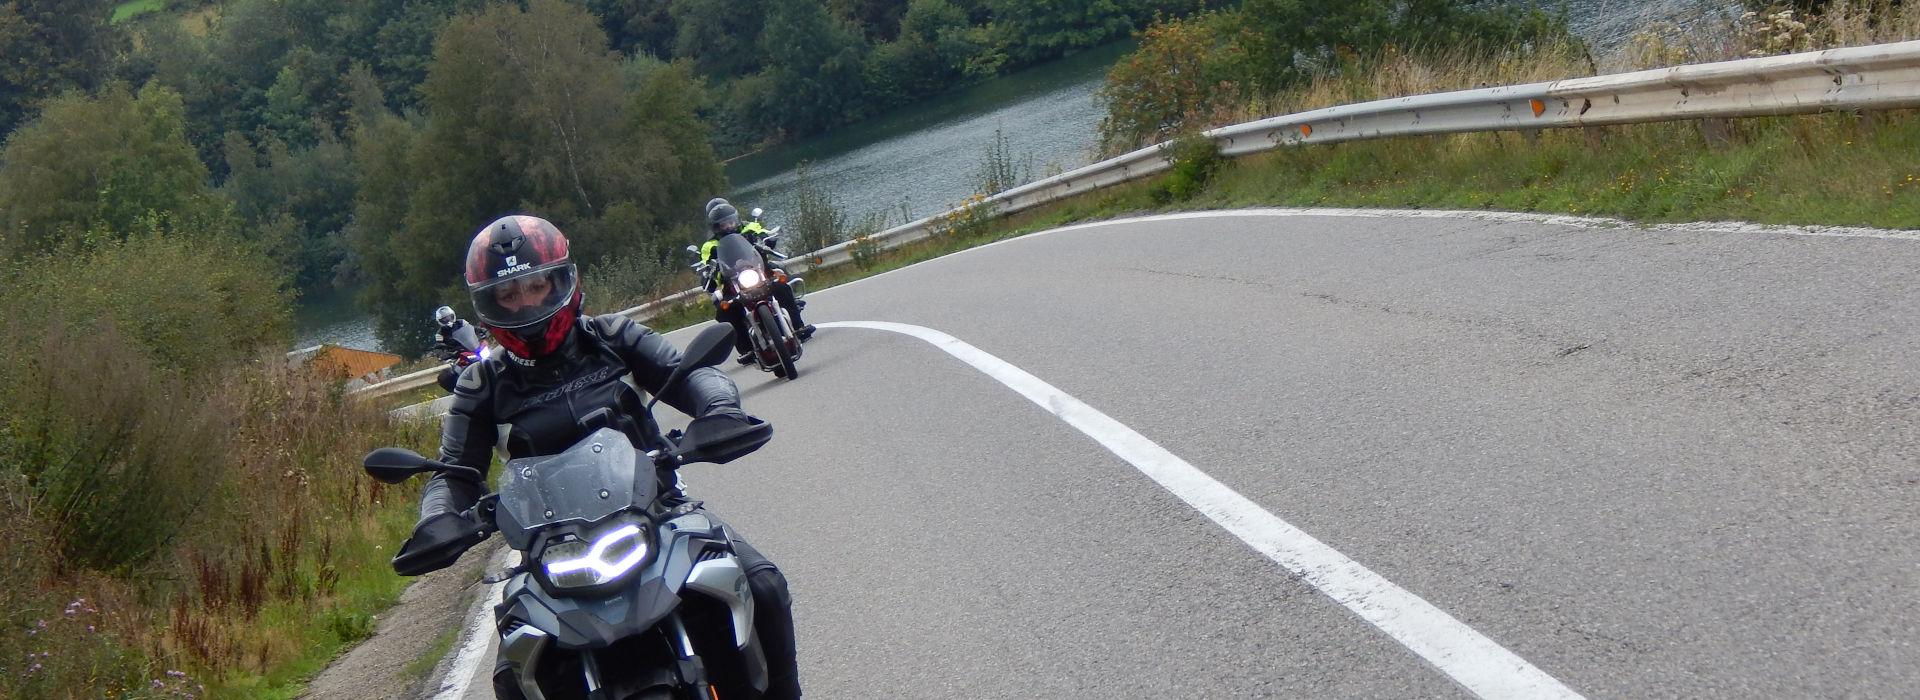 Motorrijbewijspoint Made snel motorrijbewijs halen